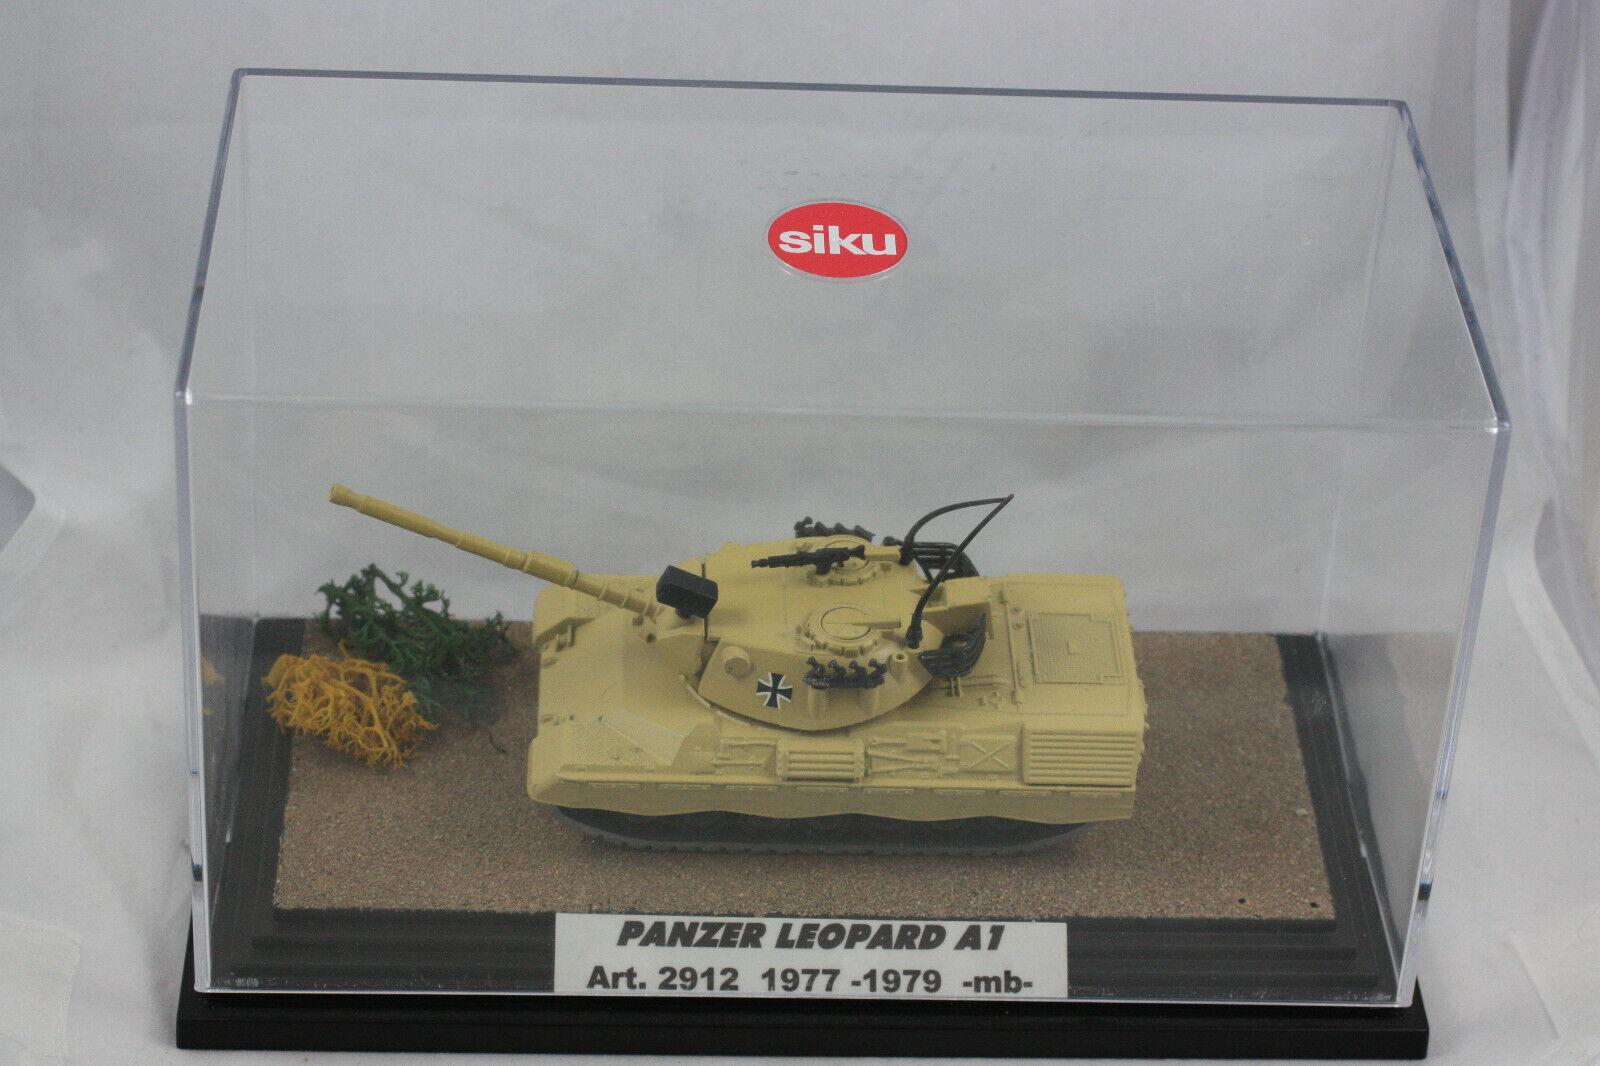 SIKU 2912 chars leopart a1 1977-1979, Near Comme neuf de  Collection  le dernier